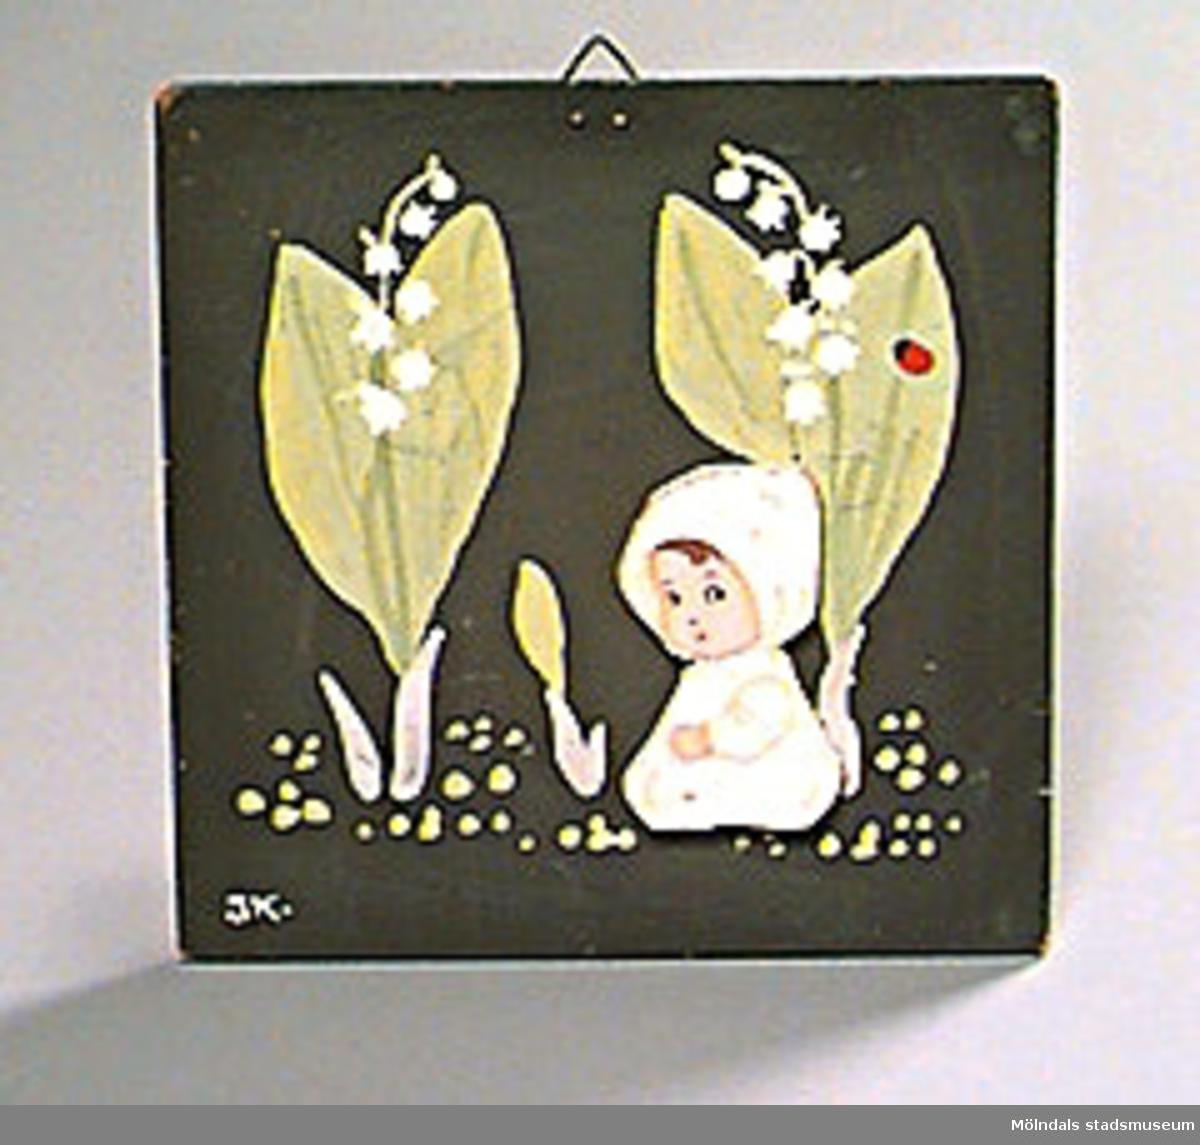 """En lövsågad figur (ett sk """"blombarn"""") i kryssfaner har limmats fast på en bit målad spånplatta. Motiv: Liljekonvaljer och ett liljekonvaljbarn.Ingegerd Kvarnström tillverkade denna och liknande träfigurer till skolor i Mölndal. Hon var en känd konstnär och själv förskollärare i Mölndal."""